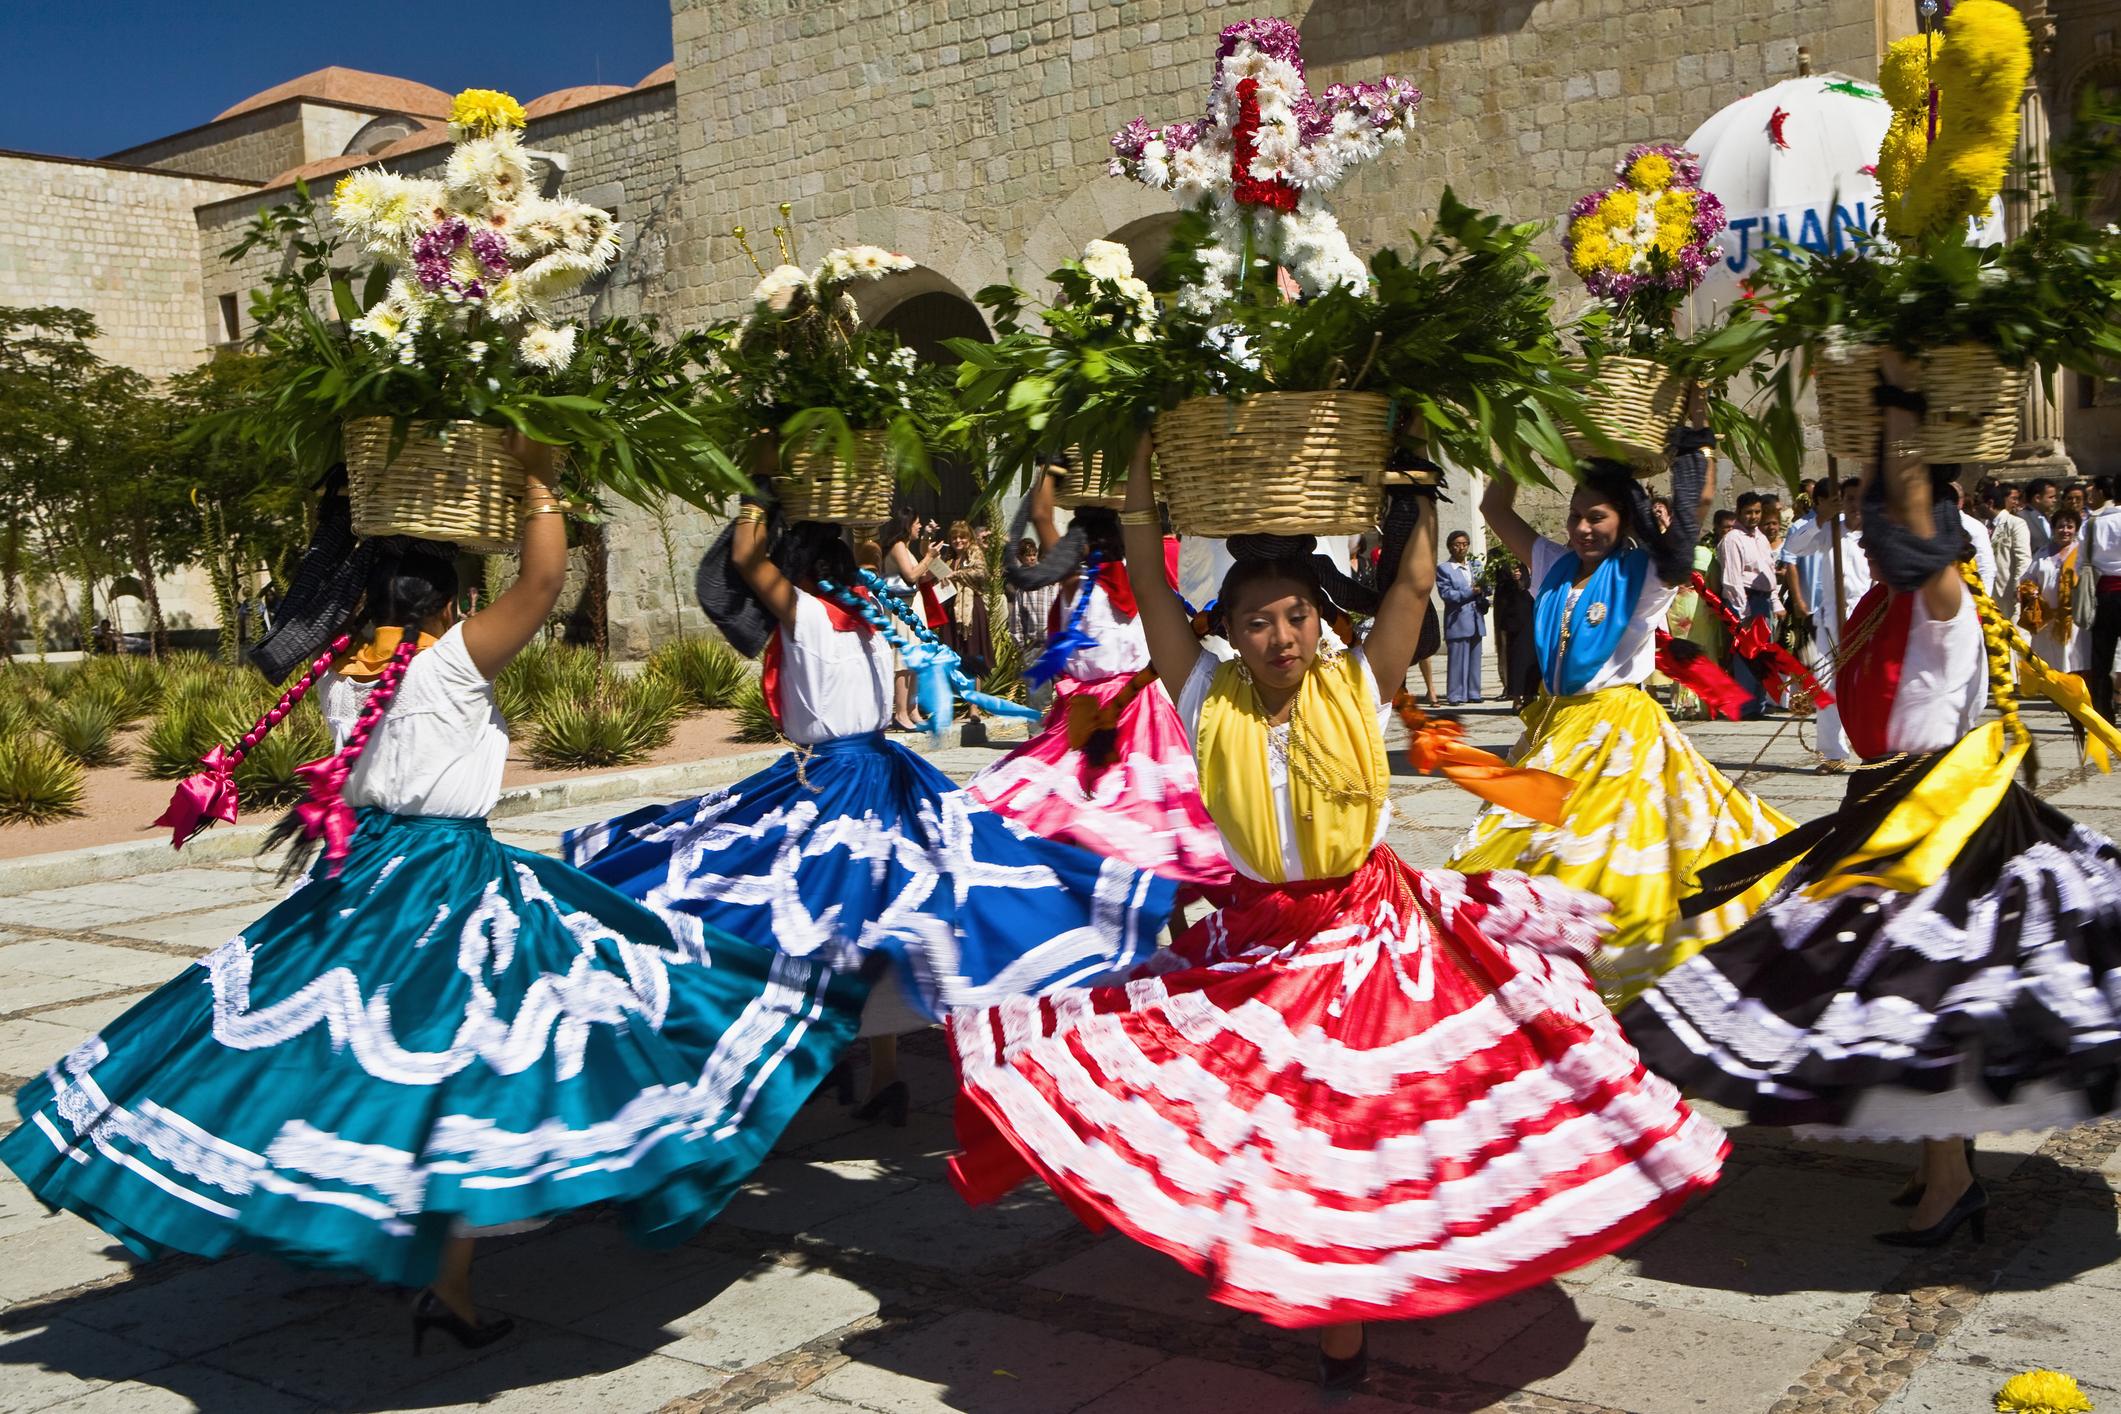 Mexico Lindo Folkloric Ballet Orlando Home Facebook